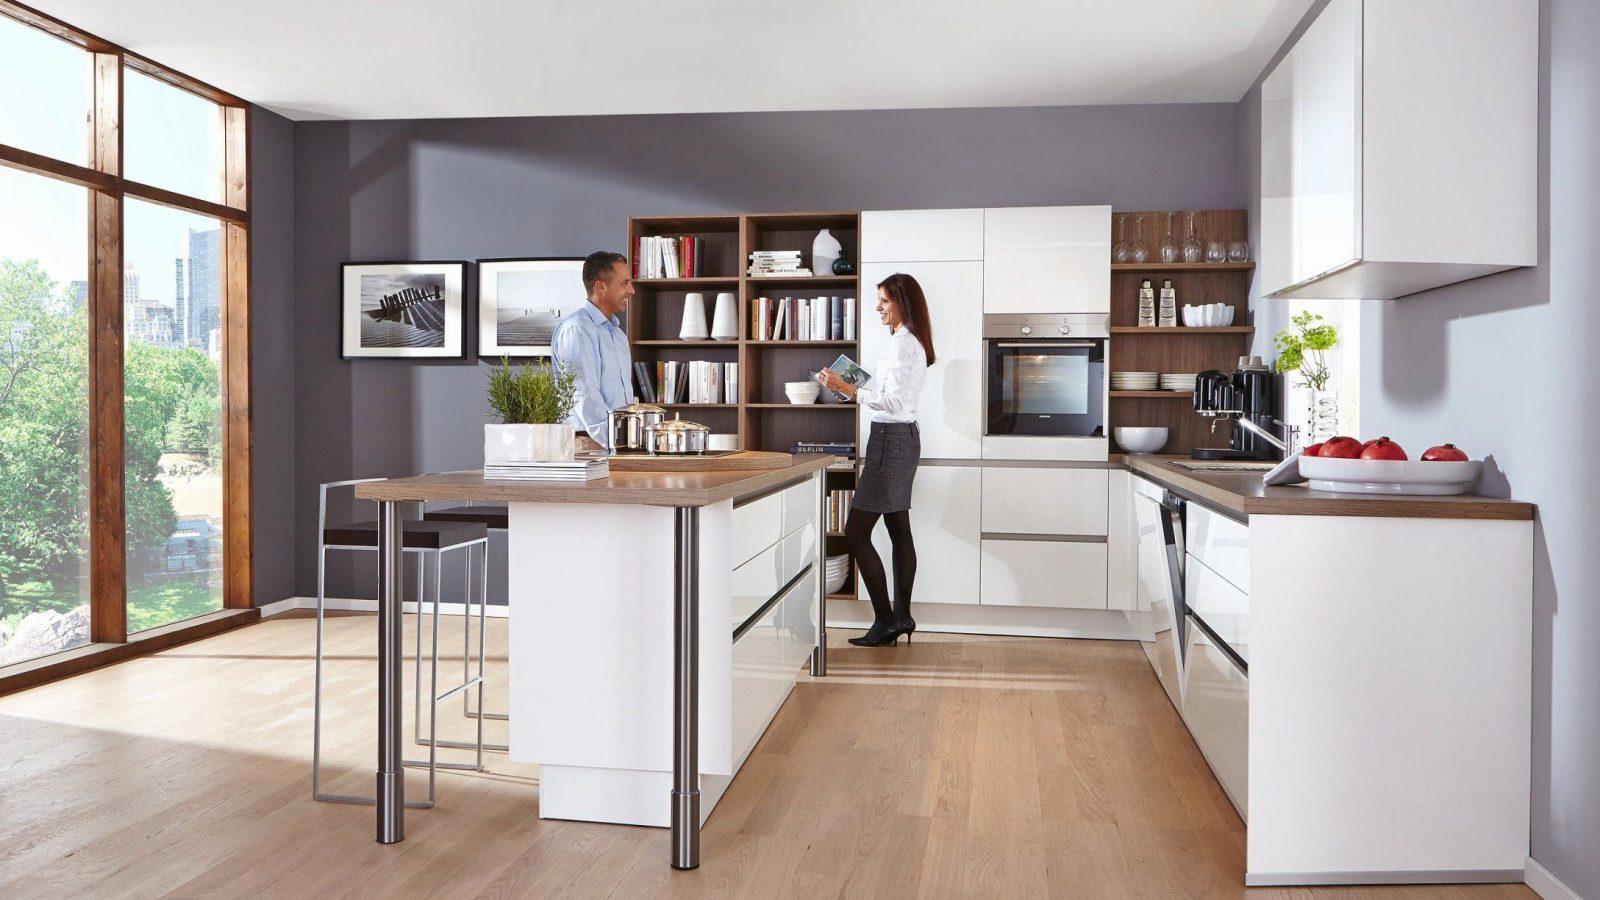 Theke Selber Bauen Ikea Best Ungewöhnlich Wie Eine Küche Insel Bauen von Kücheninsel Mit Theke Selber Bauen Bild